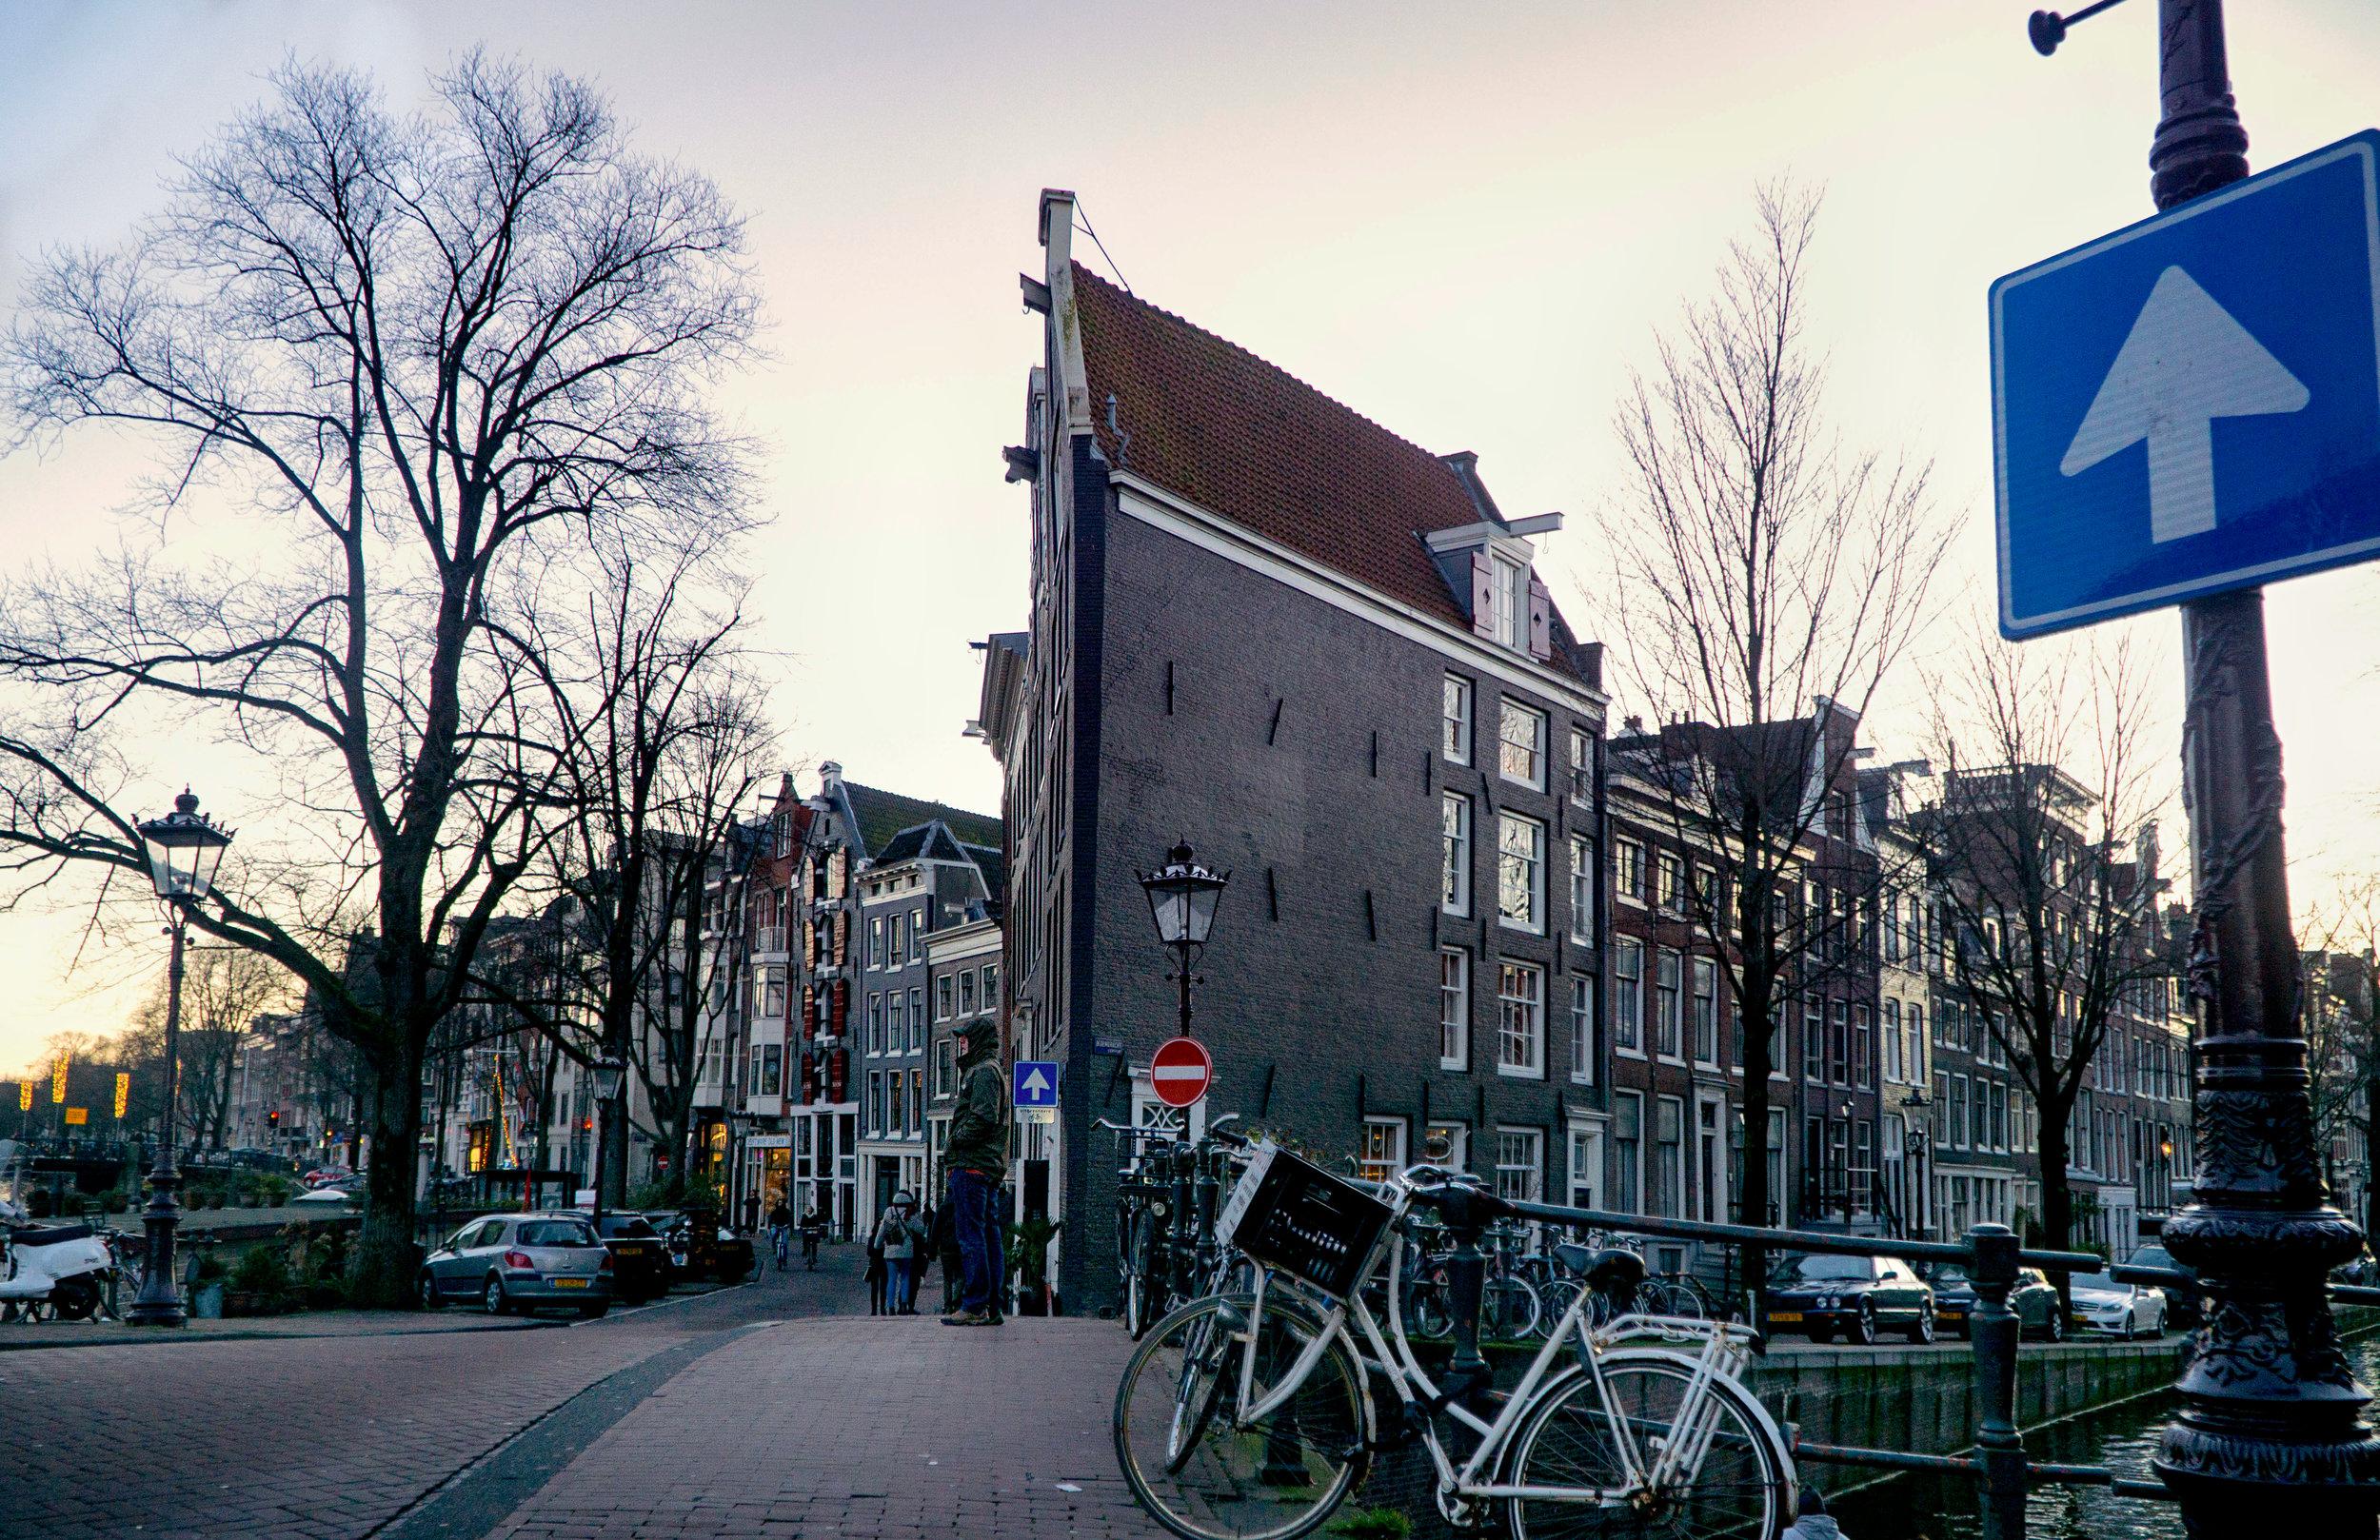 Amsterdam_vickygood_travel_photography7_sm.jpg